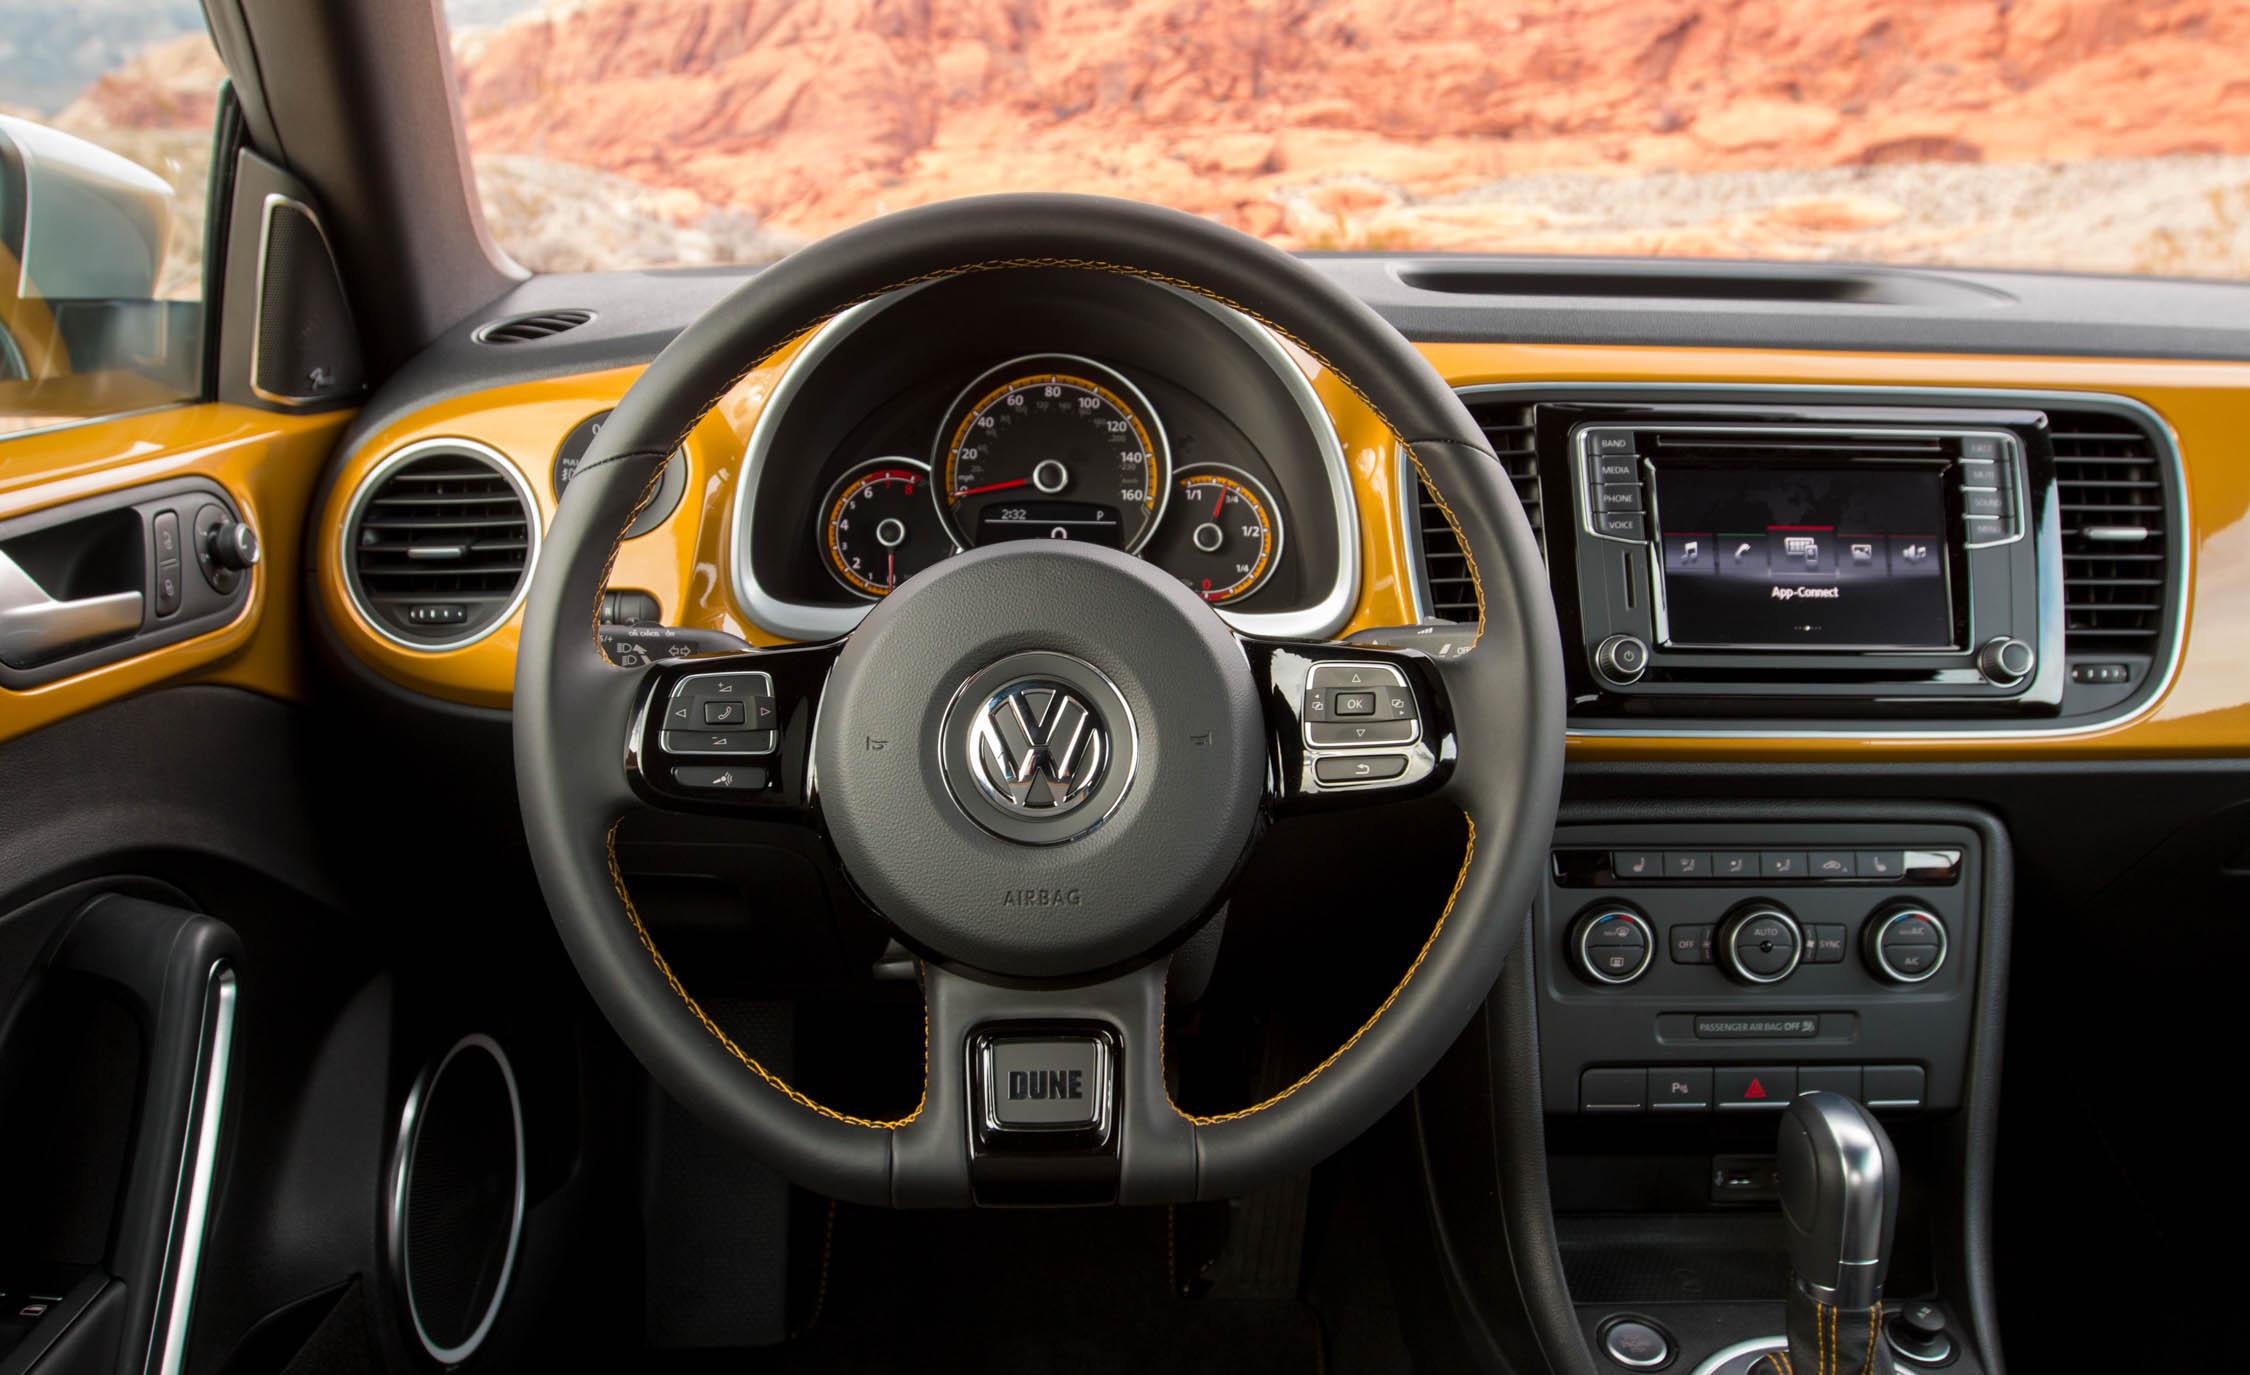 2016 Volkswagen Beetle Dune Interior Steering And Speedometer (View 10 of 32)